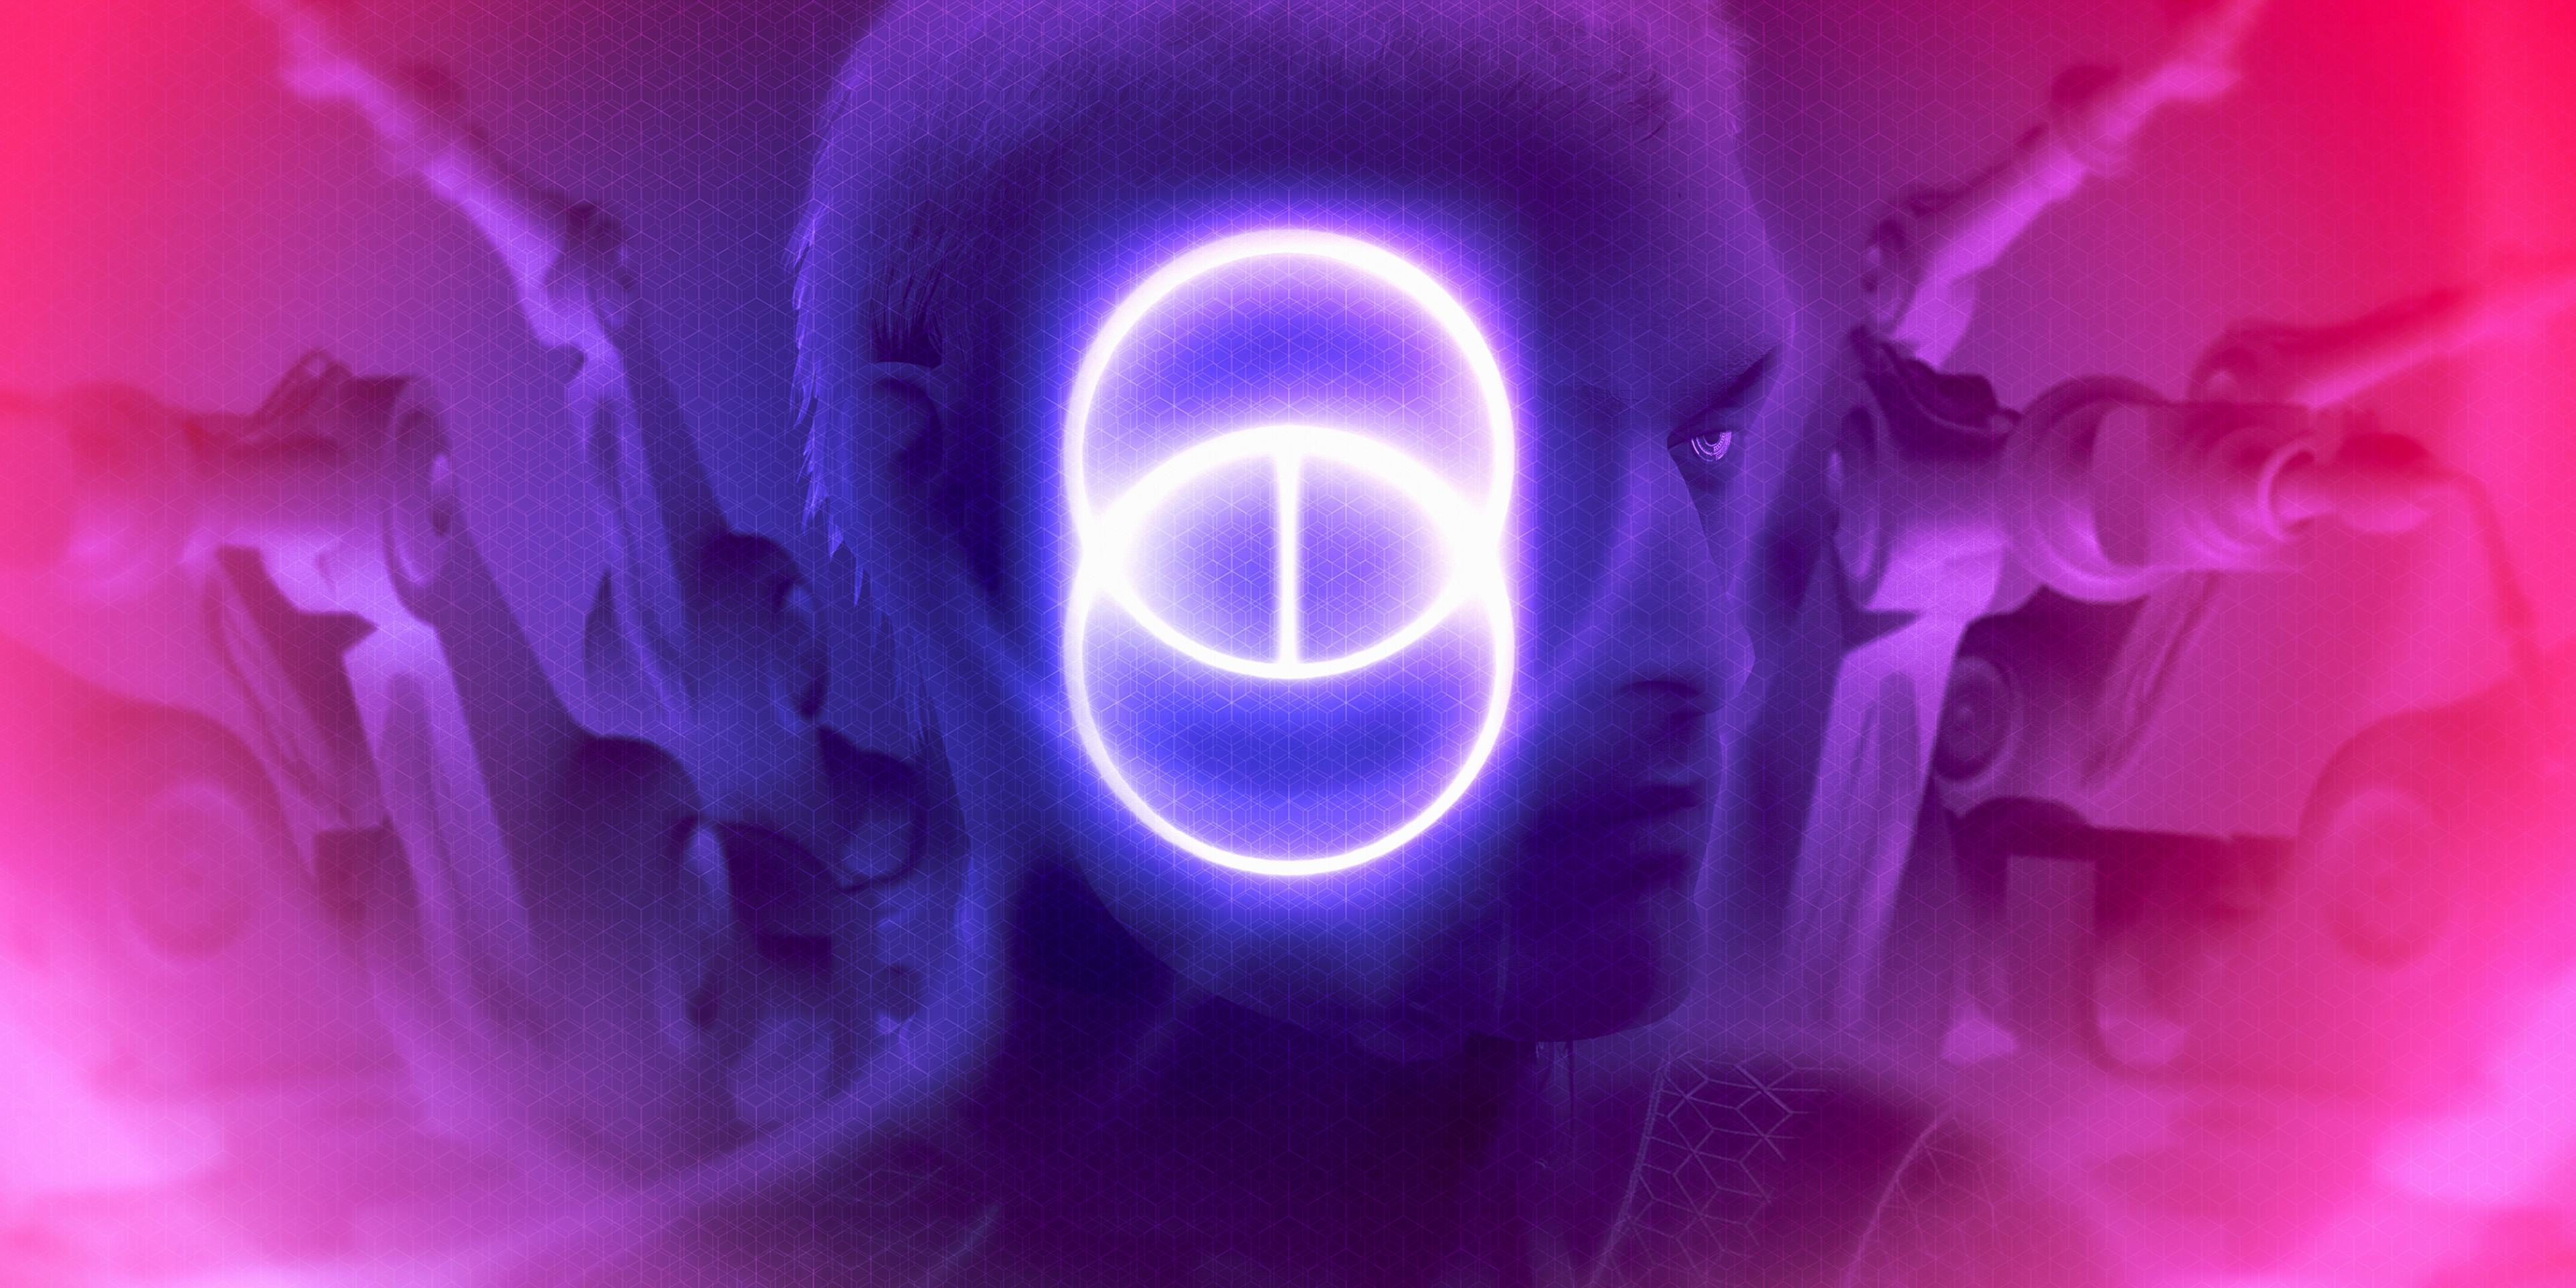 NeonEclipse-Cover-Crane.jpg